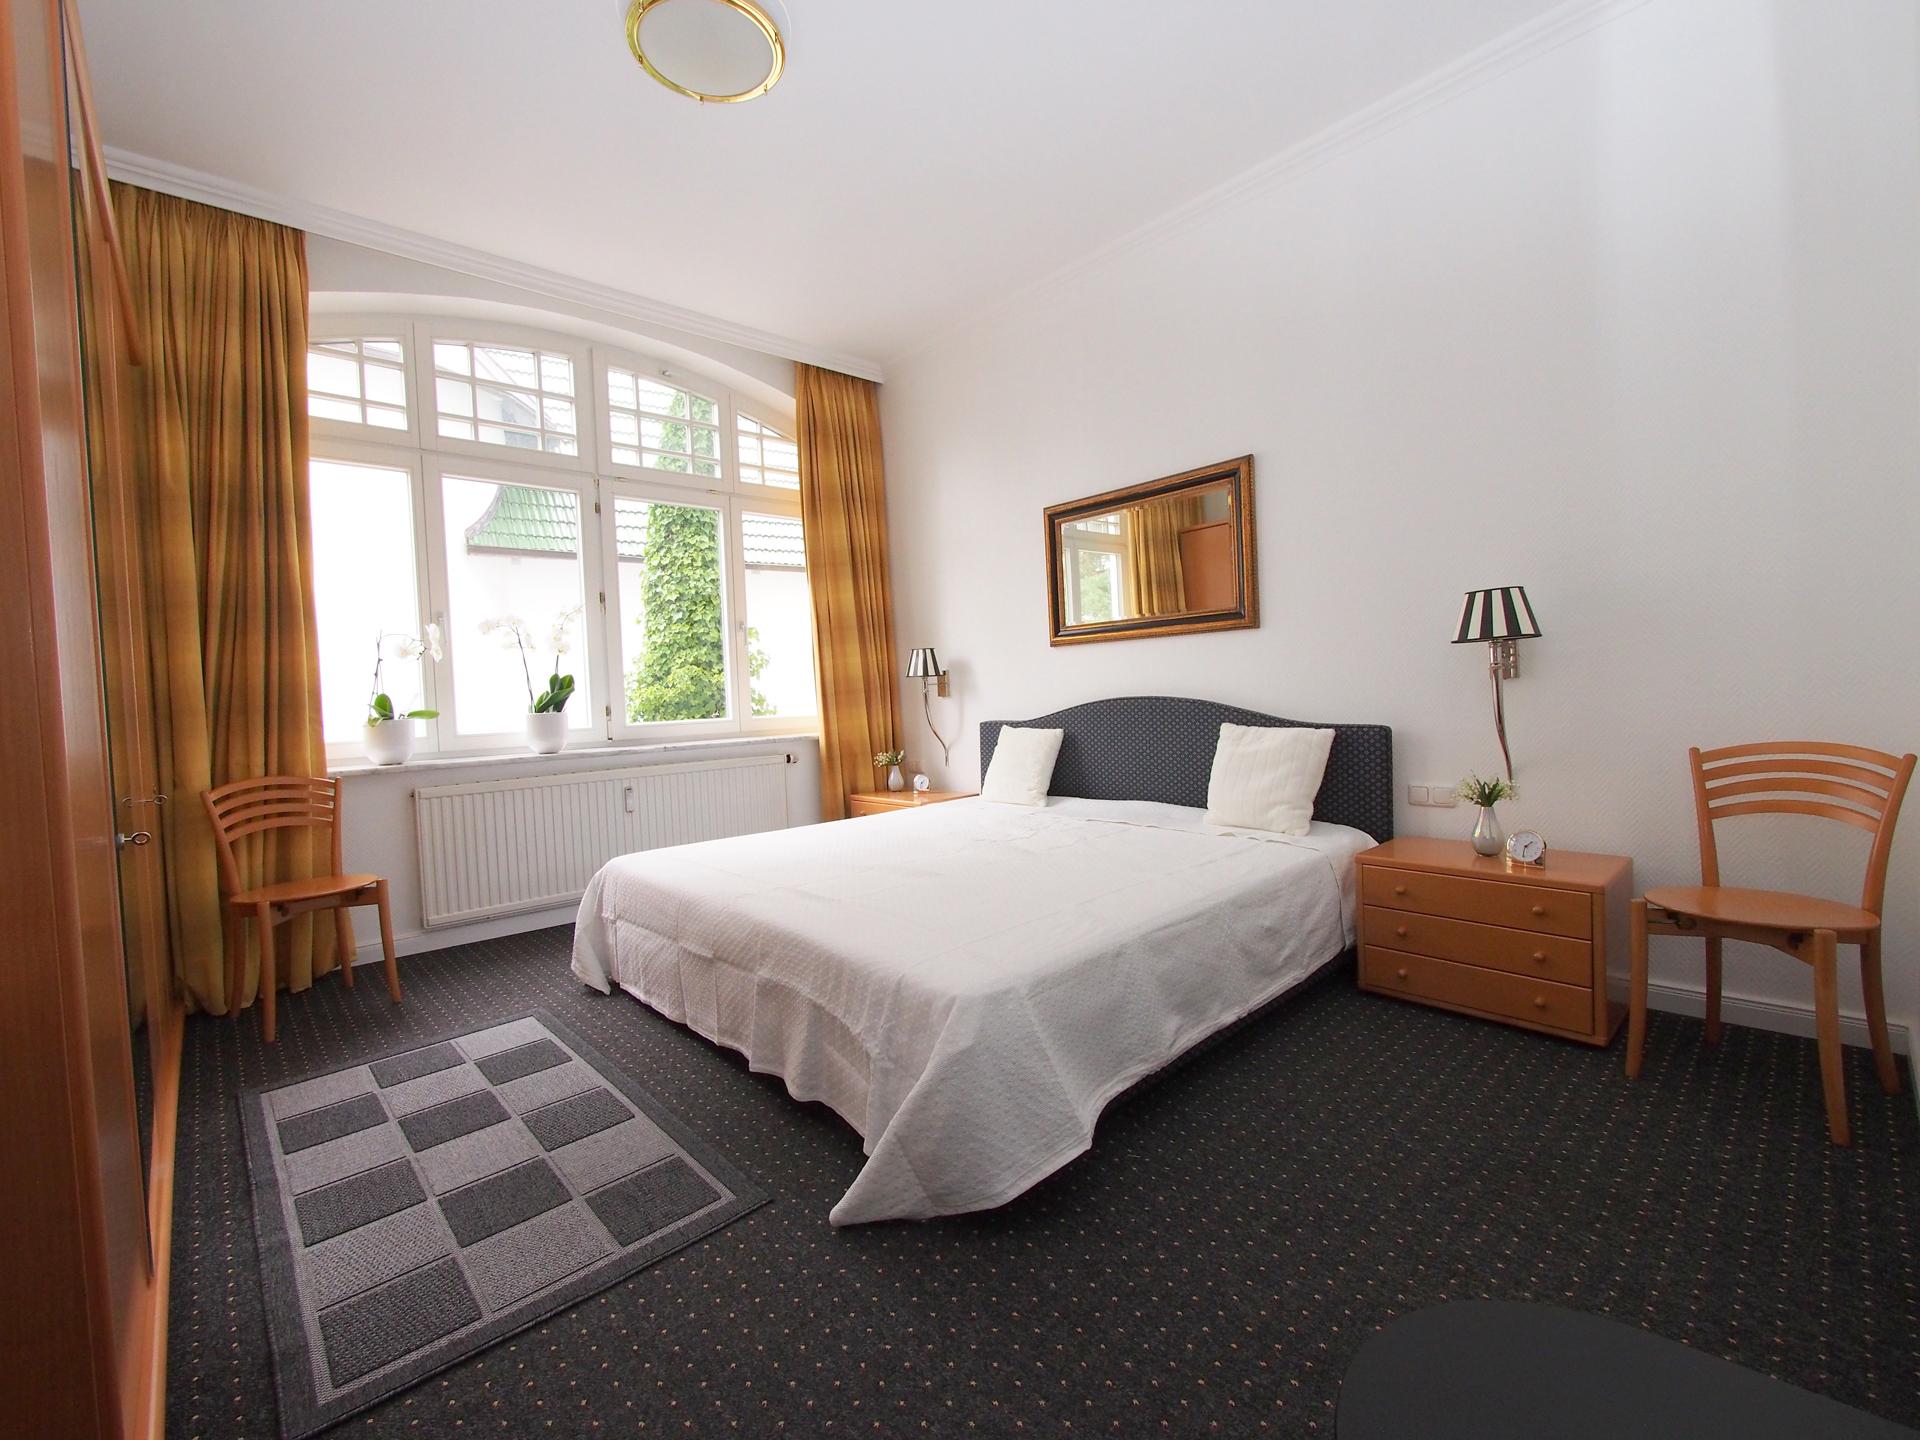 Das große Schlafzimmer mit hochwertigen Hotelbetten und direktem Zugang zum eigenen Bad